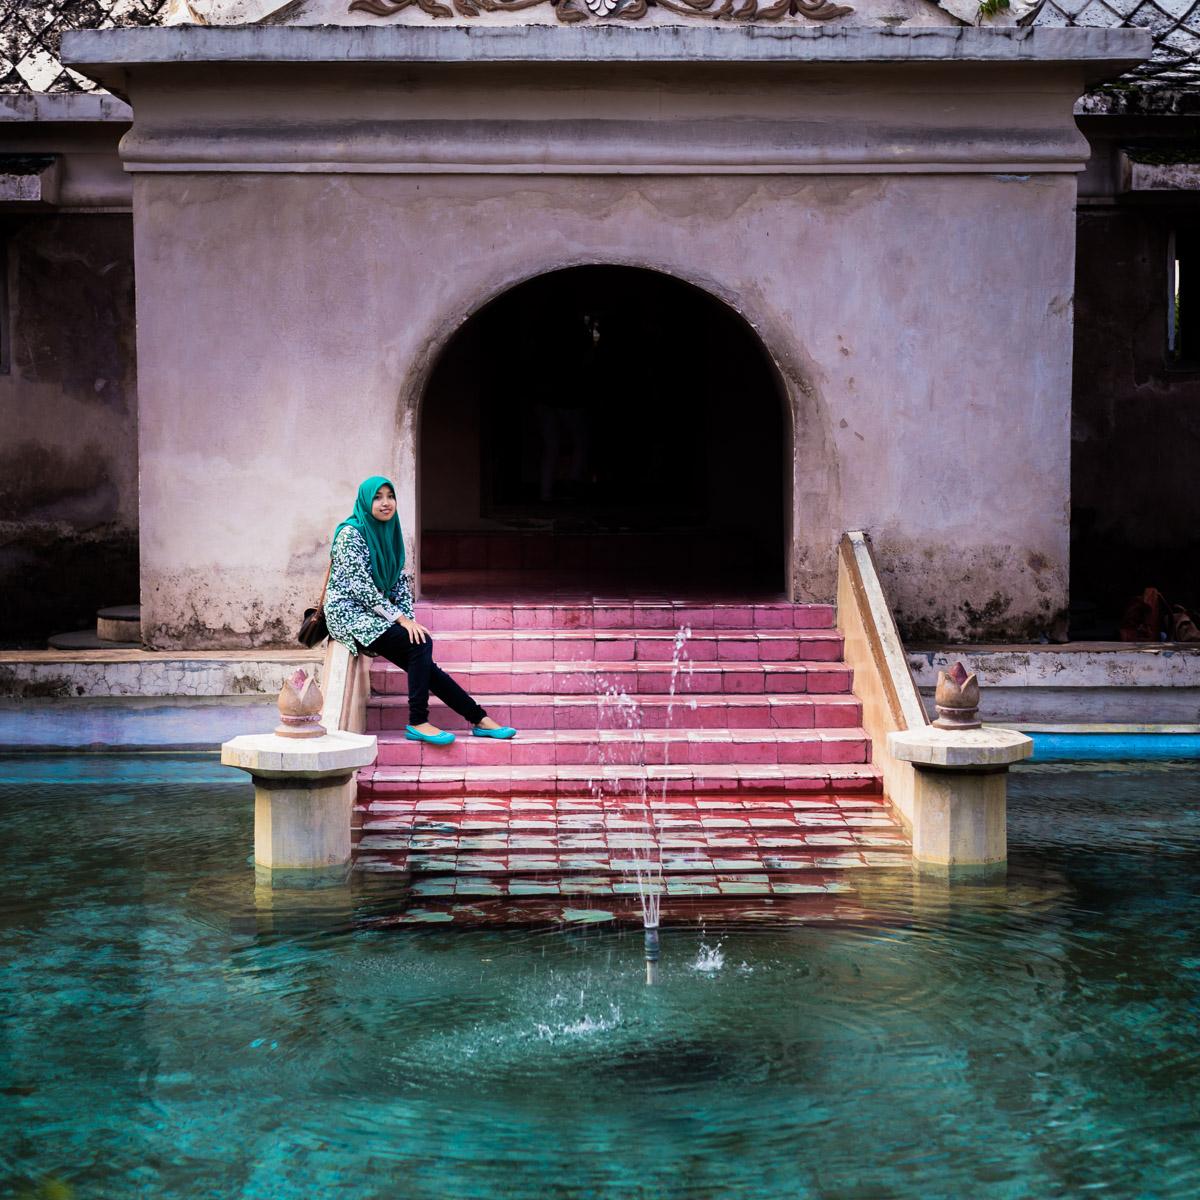 Les bassins dans le château d'eau Taman Sari, Yogyakarta